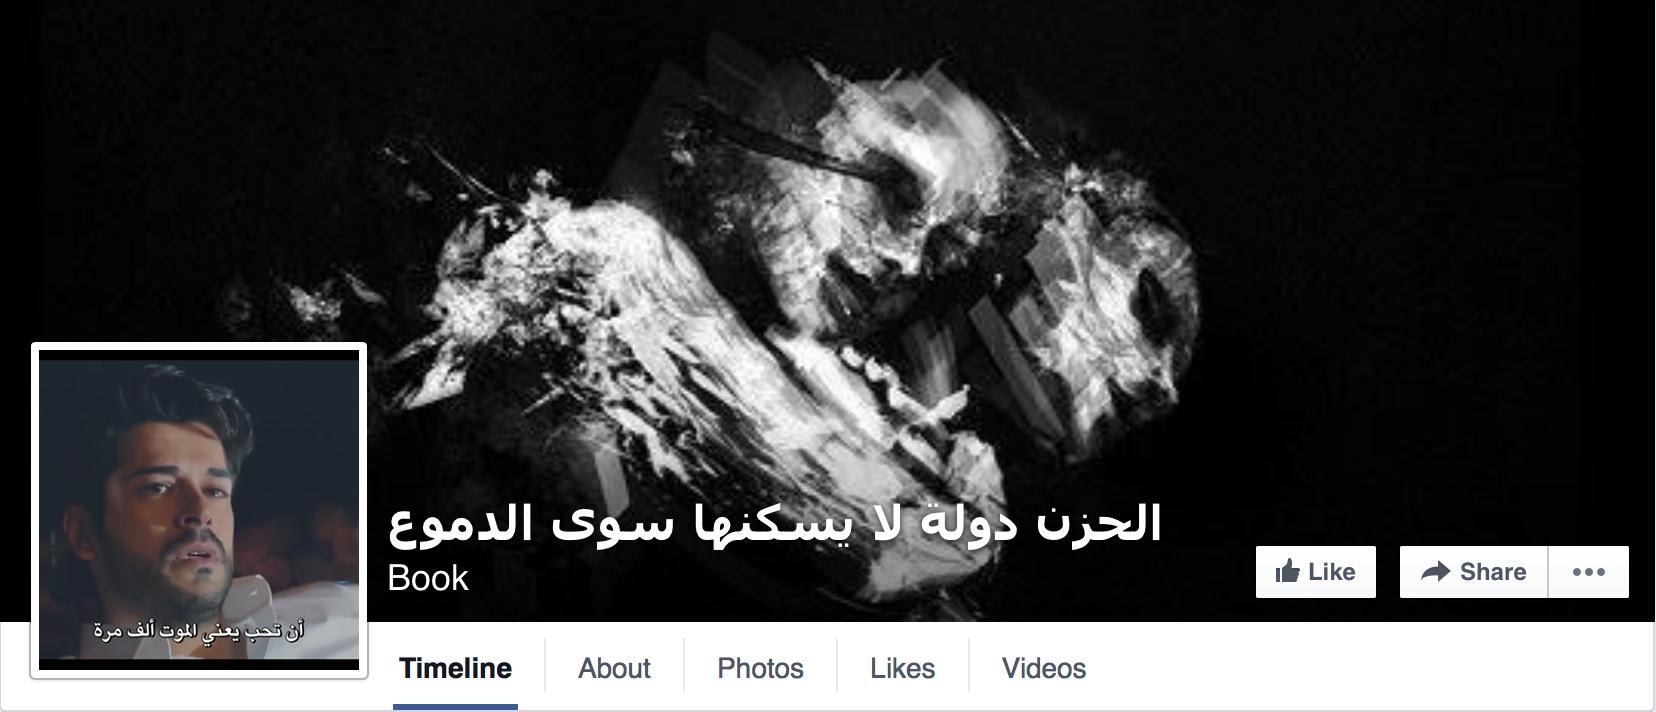 المازوشية النفسية العربية - صفحة الحزن دولة